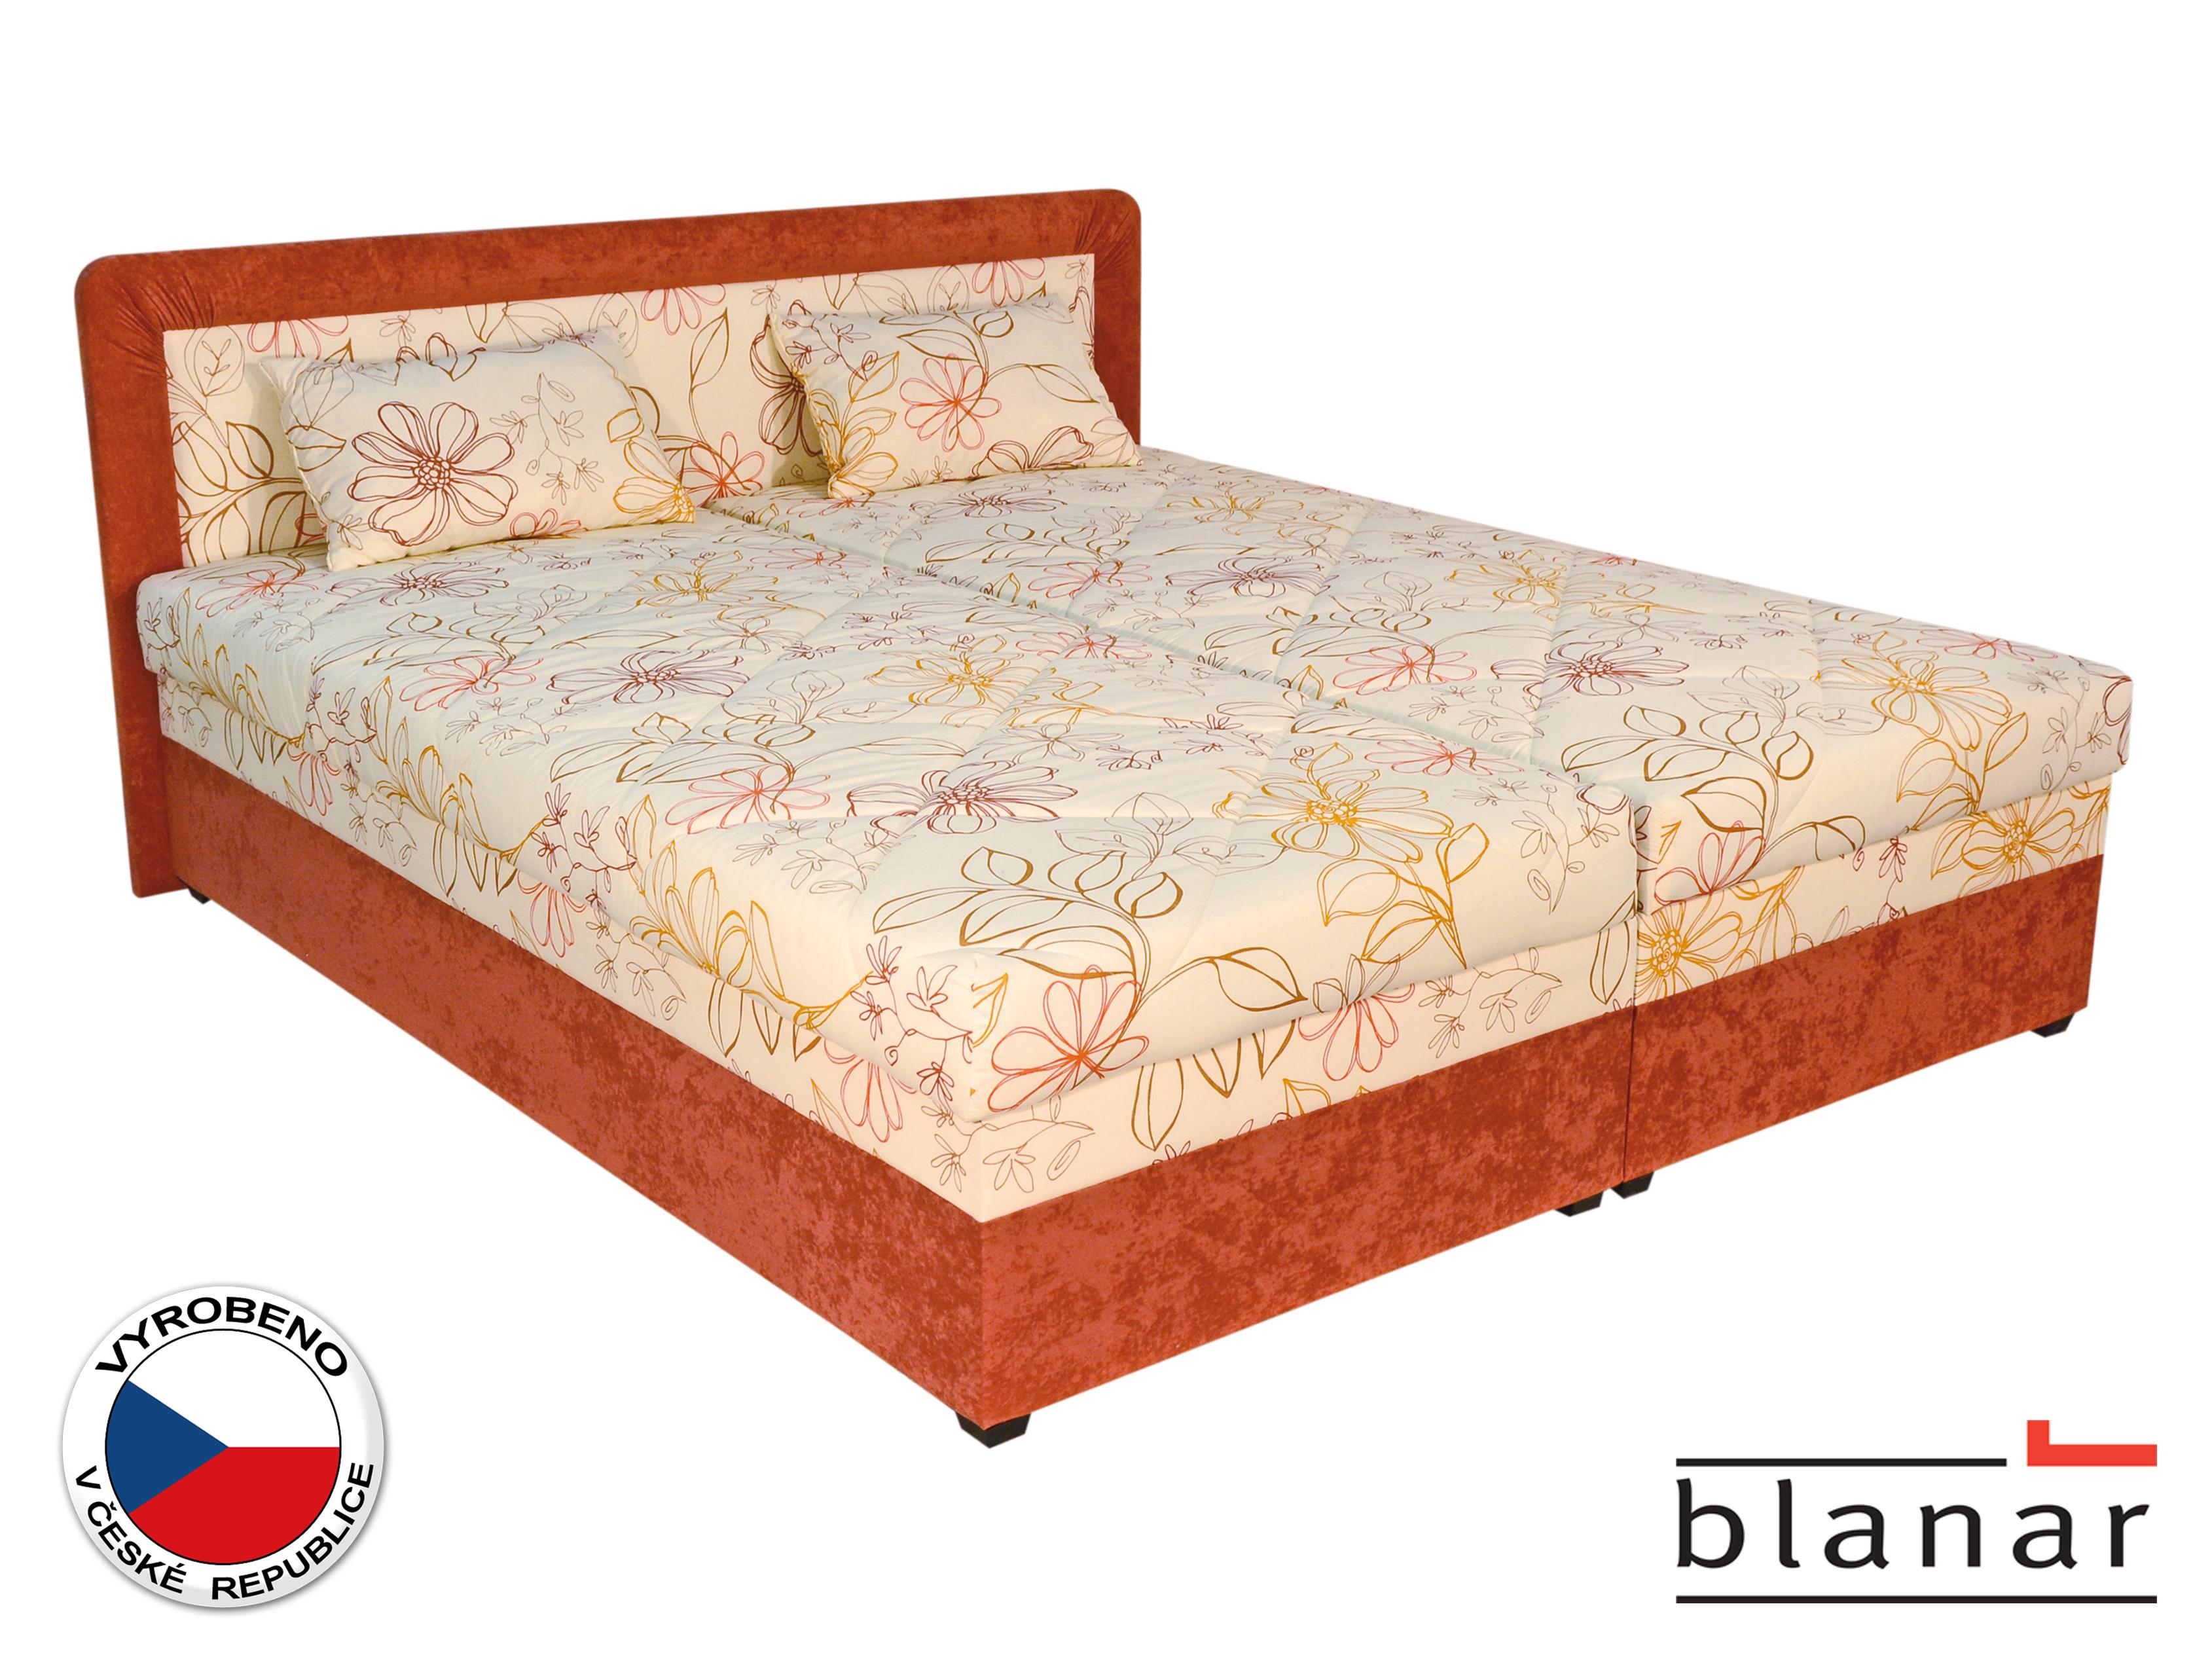 Manželská postel 180 cm - Blanár - Bologna (s roštem a matracemi) (béžová + oranžová)